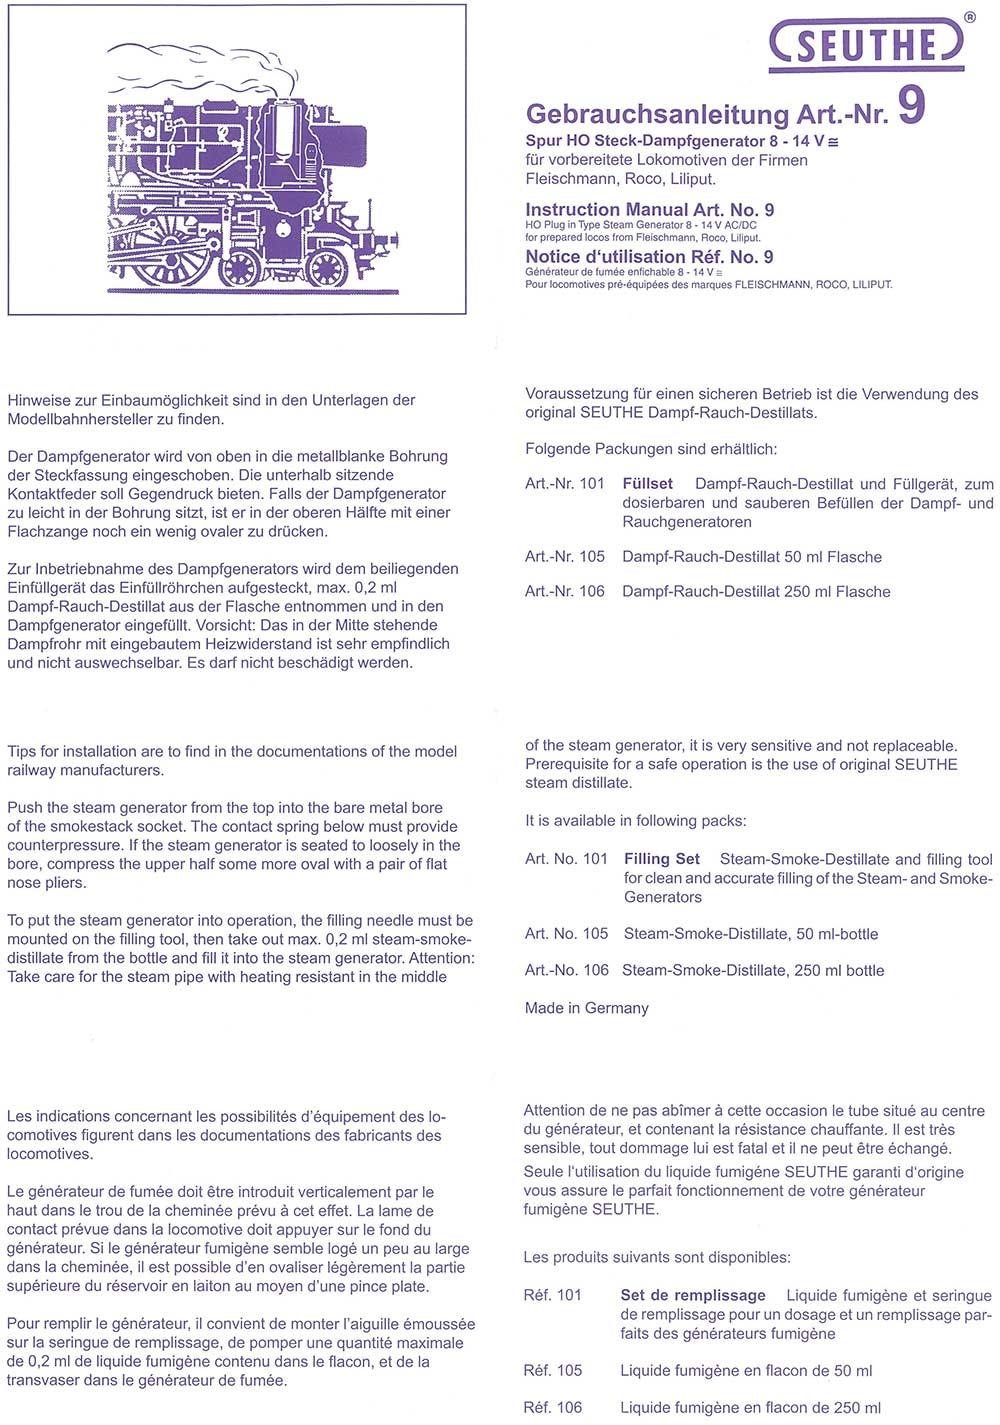 11 Steck-Dampfgenerator für Lokomotiven 16-22 V inkl Füllset neu H0 Seuthe Nr